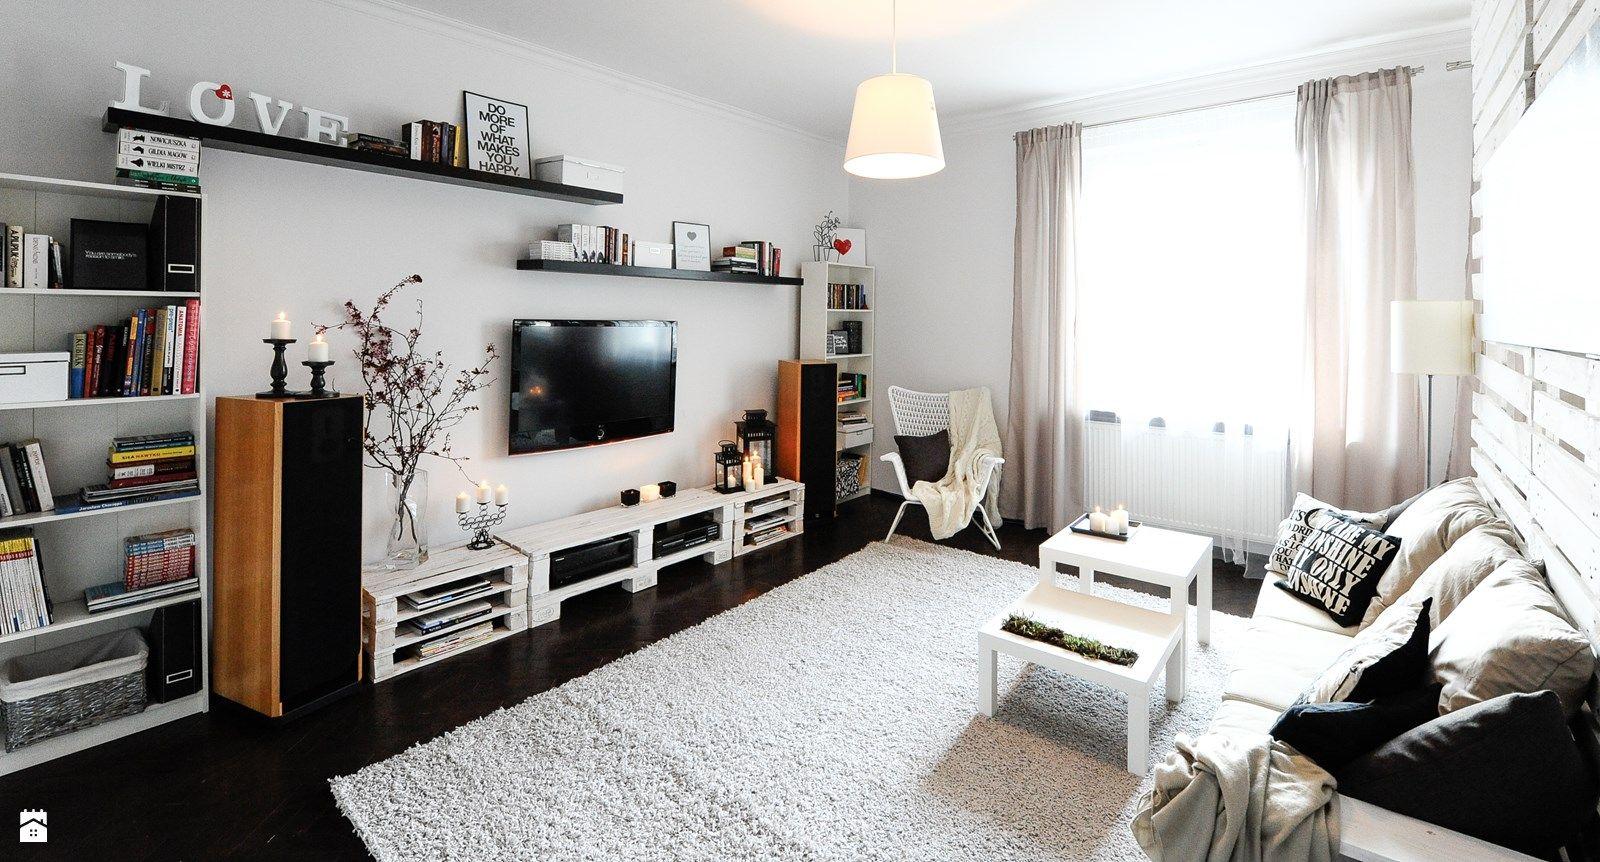 Salon styl skandynawski zdj cie od agidesign salon styl skandynawski agidesign home - Home staging salon ...